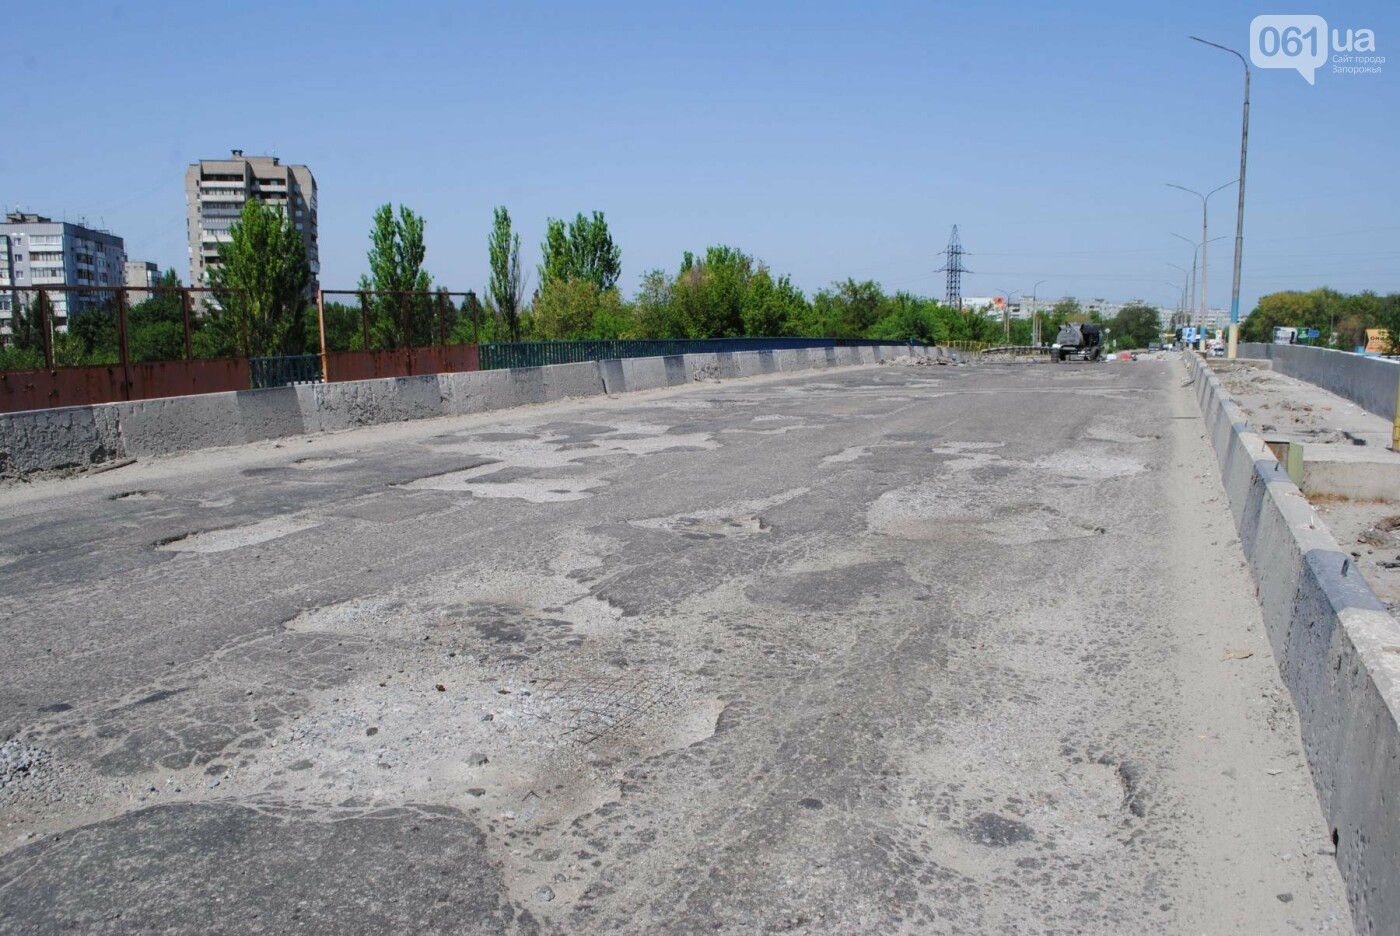 Ремонт моста на трассе в Запорожье: сначала мешали дожди, теперь — жара, - ФОТО, фото-5